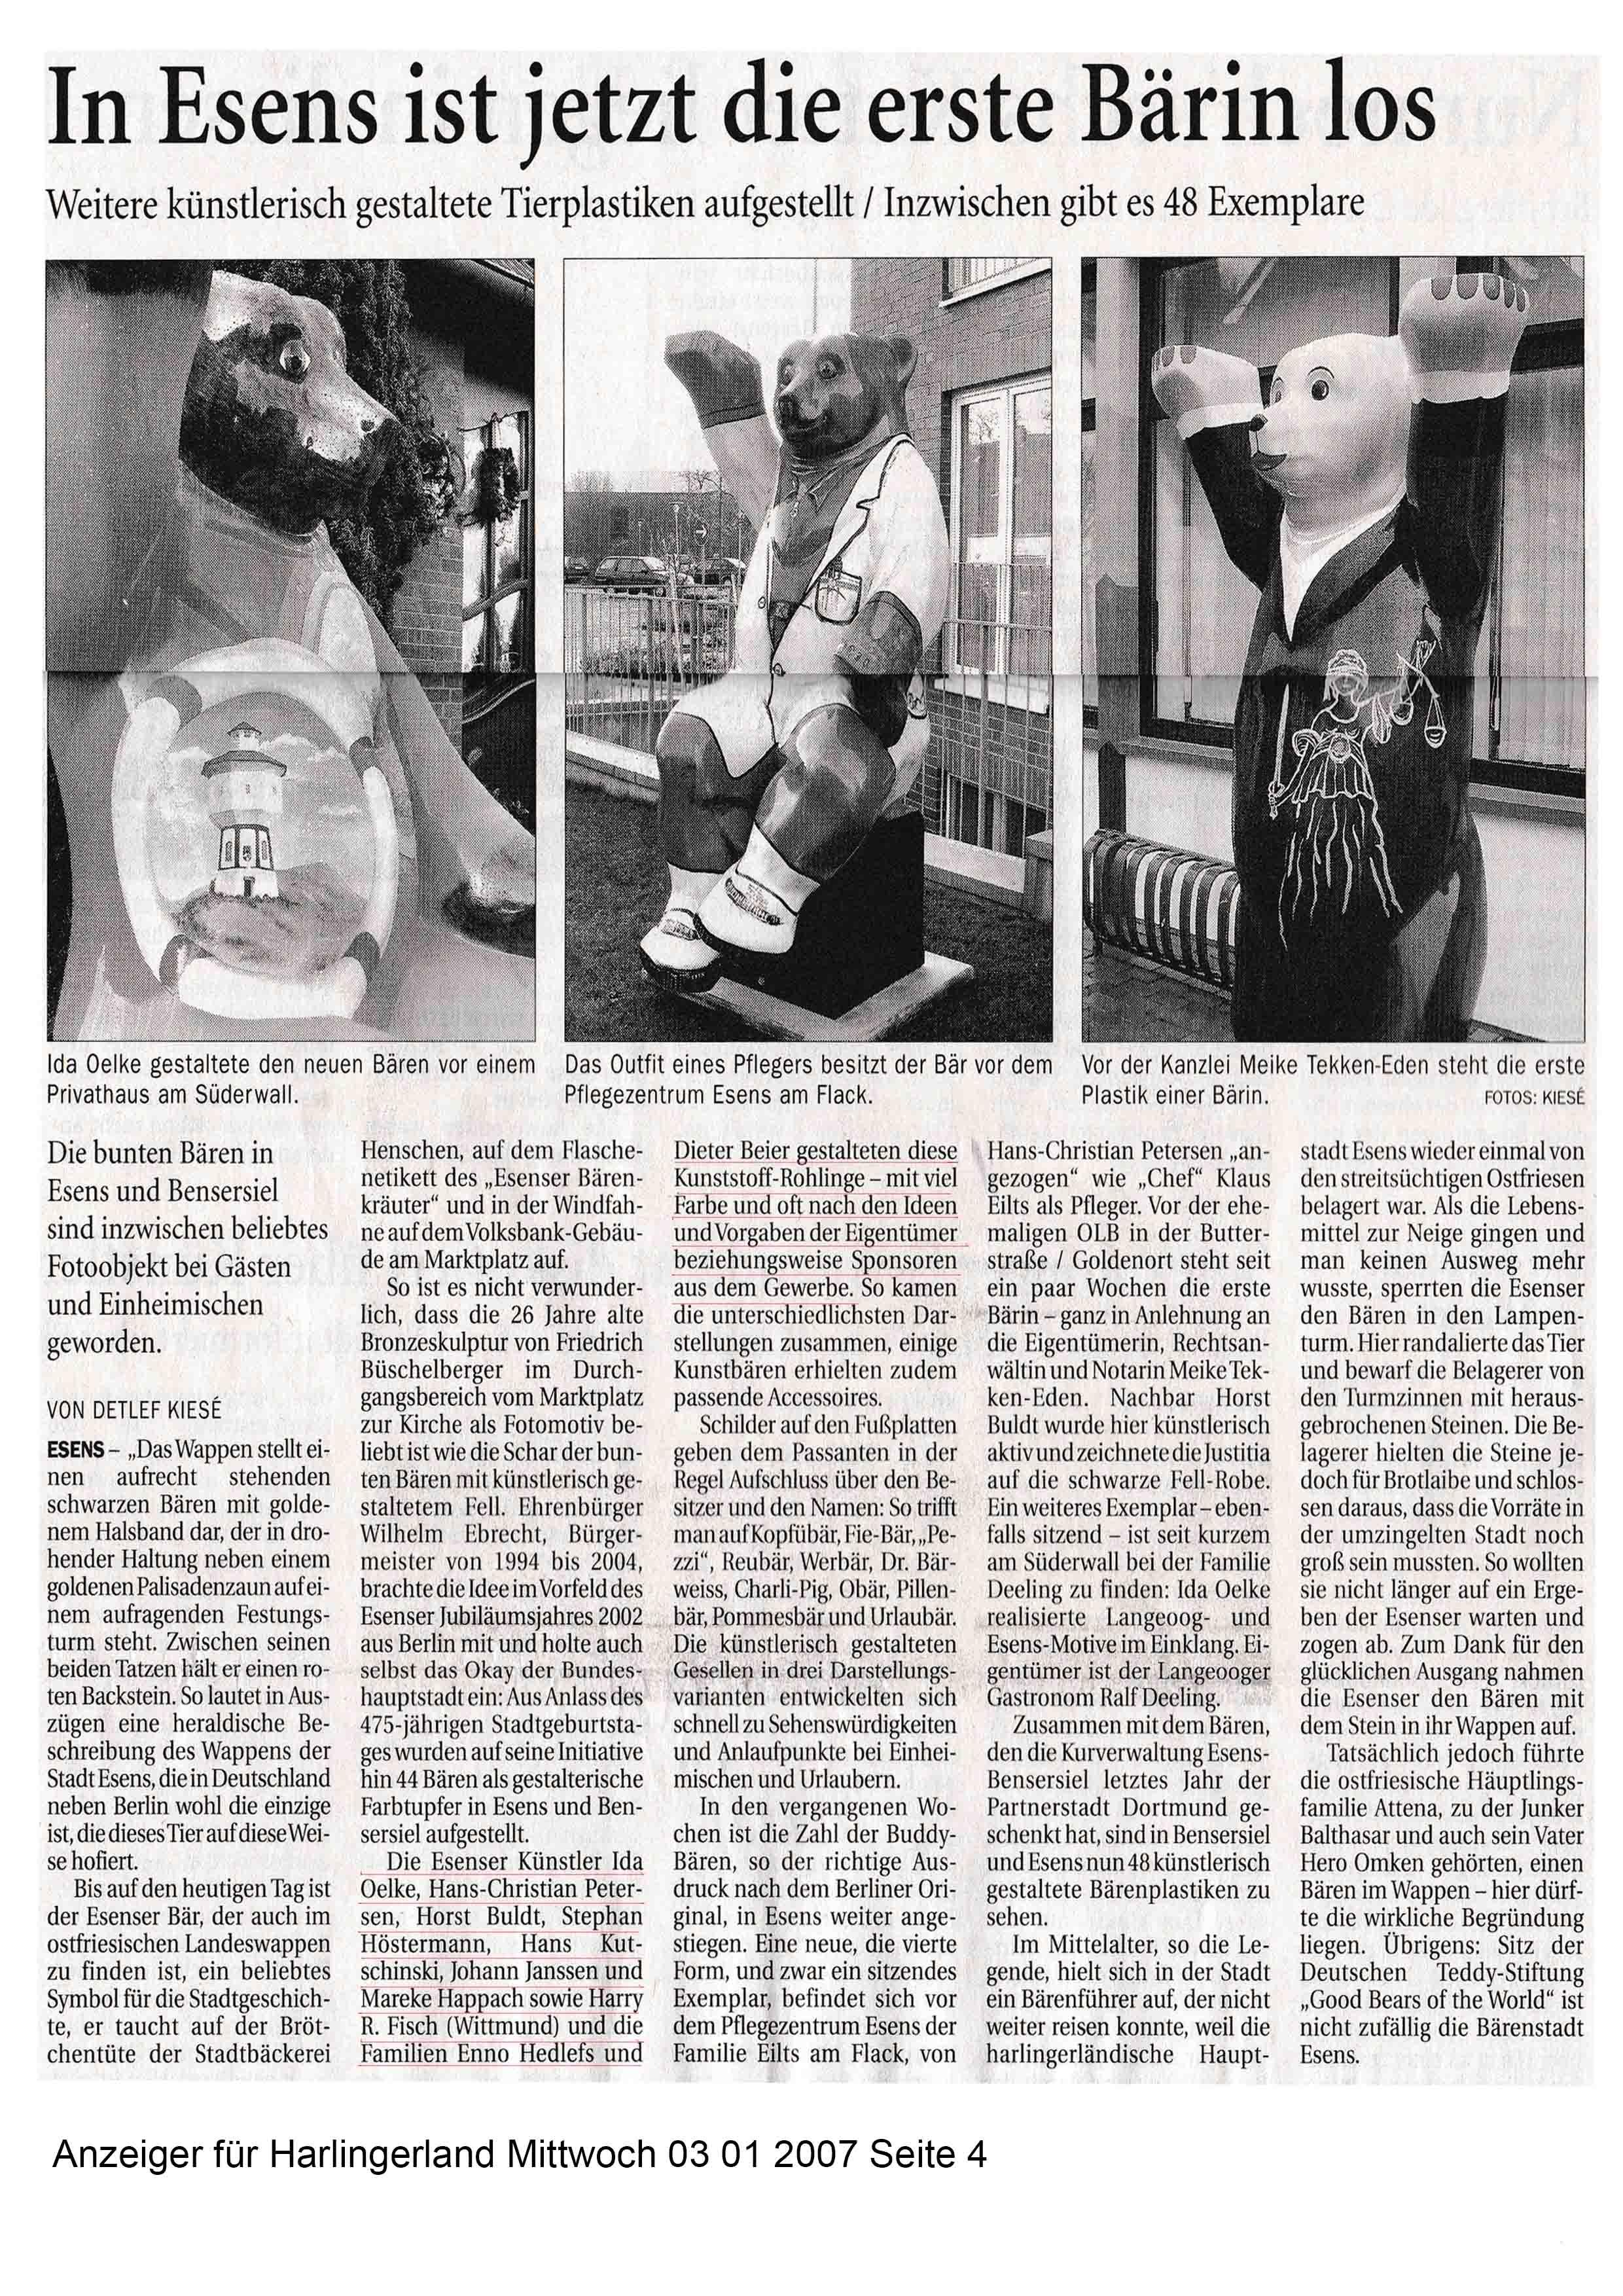 Anzeiger für Harlingerland Mittwoch 03 01 2007 Seite 4